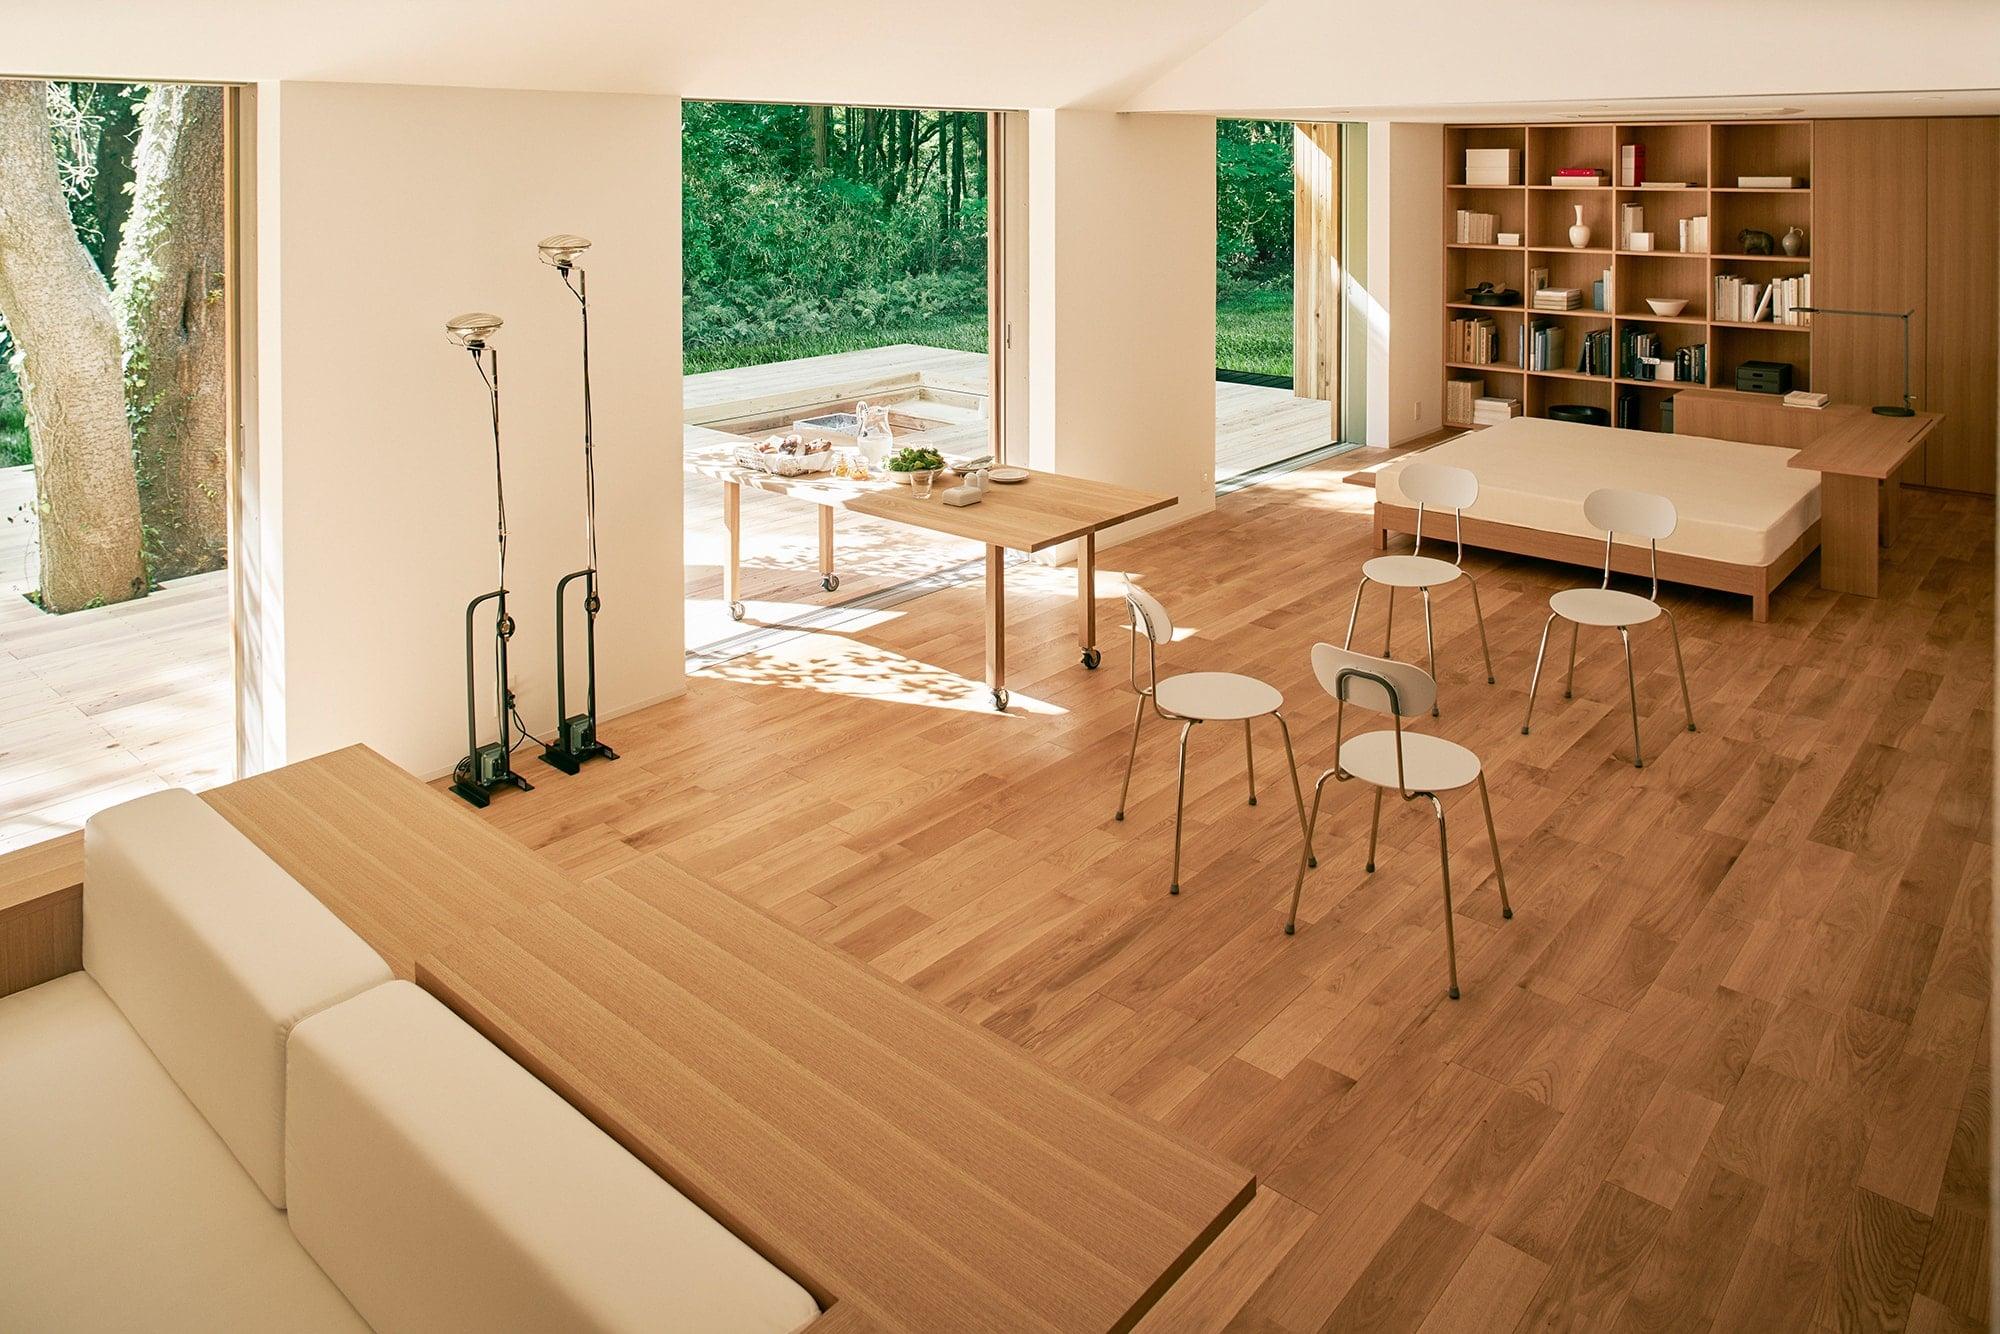 内部は間仕切りの少ない大空間が広がる。ライフスタイルに合わせてプランを変えることも可能。